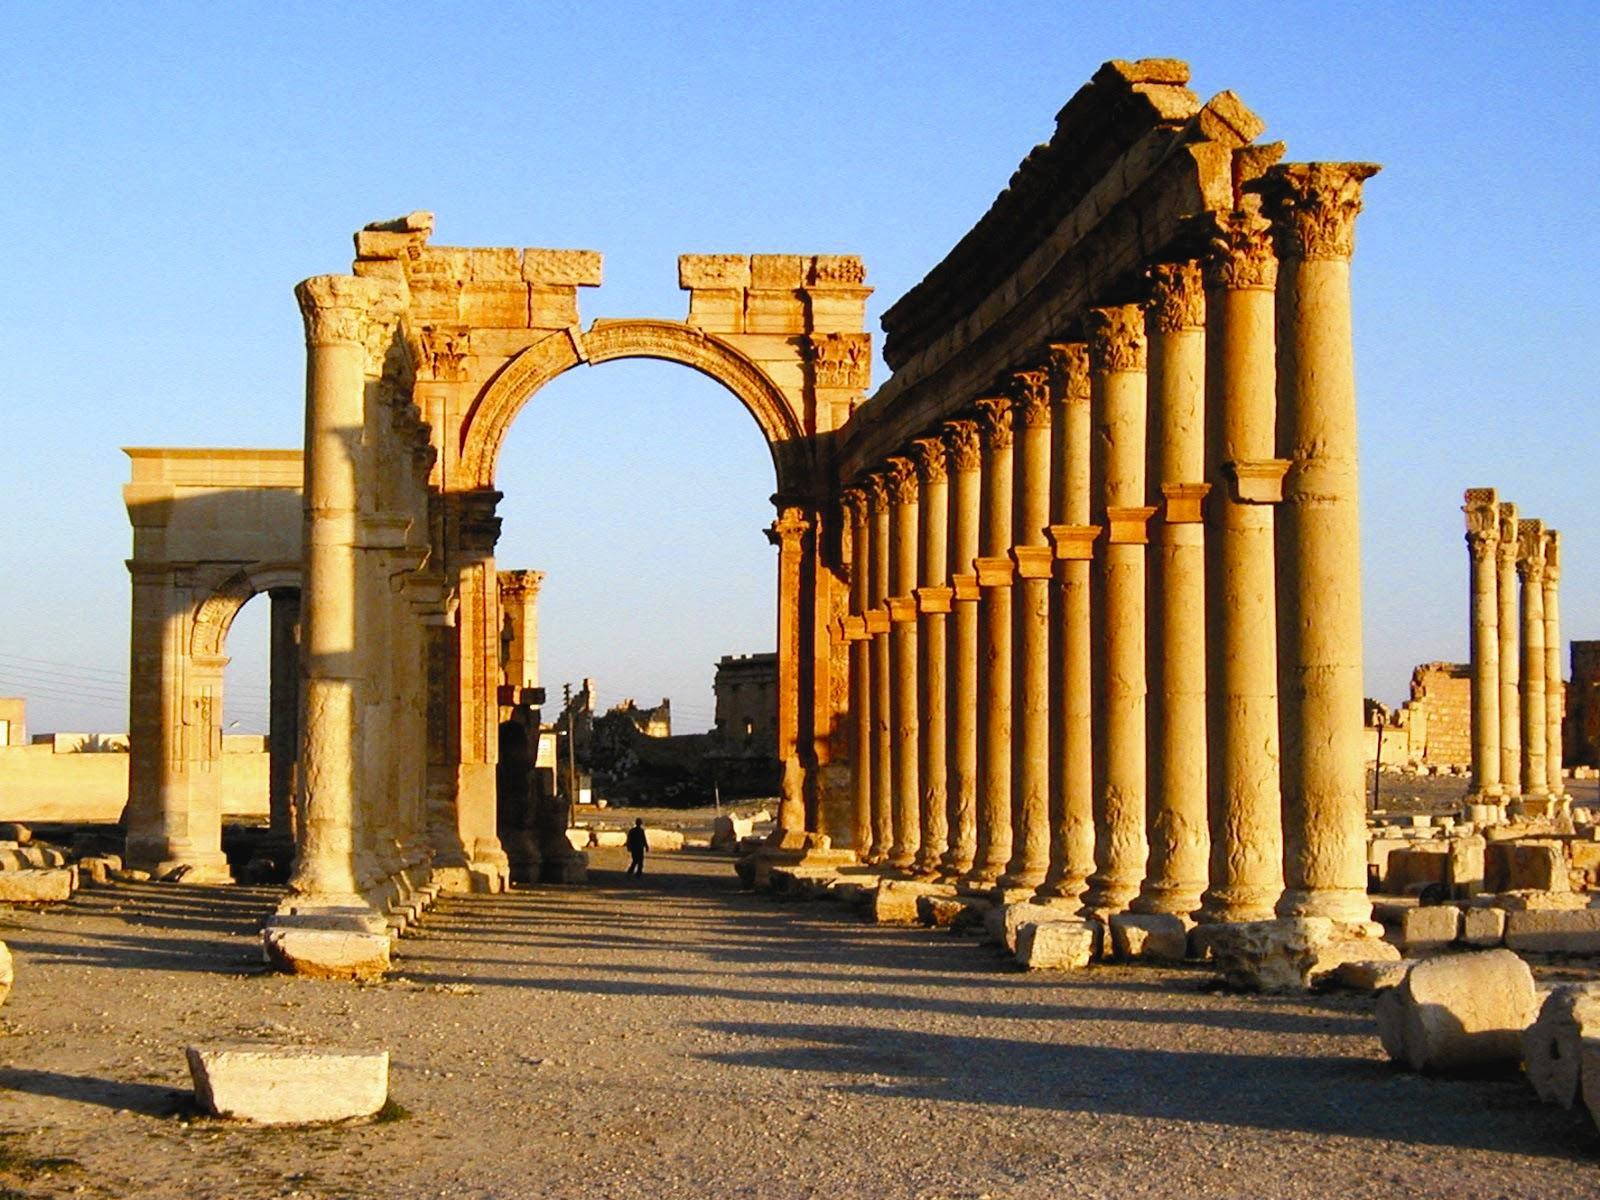 193748_3c2d22e3b3c59824f5d5e22d0ae79c56_Palmyra